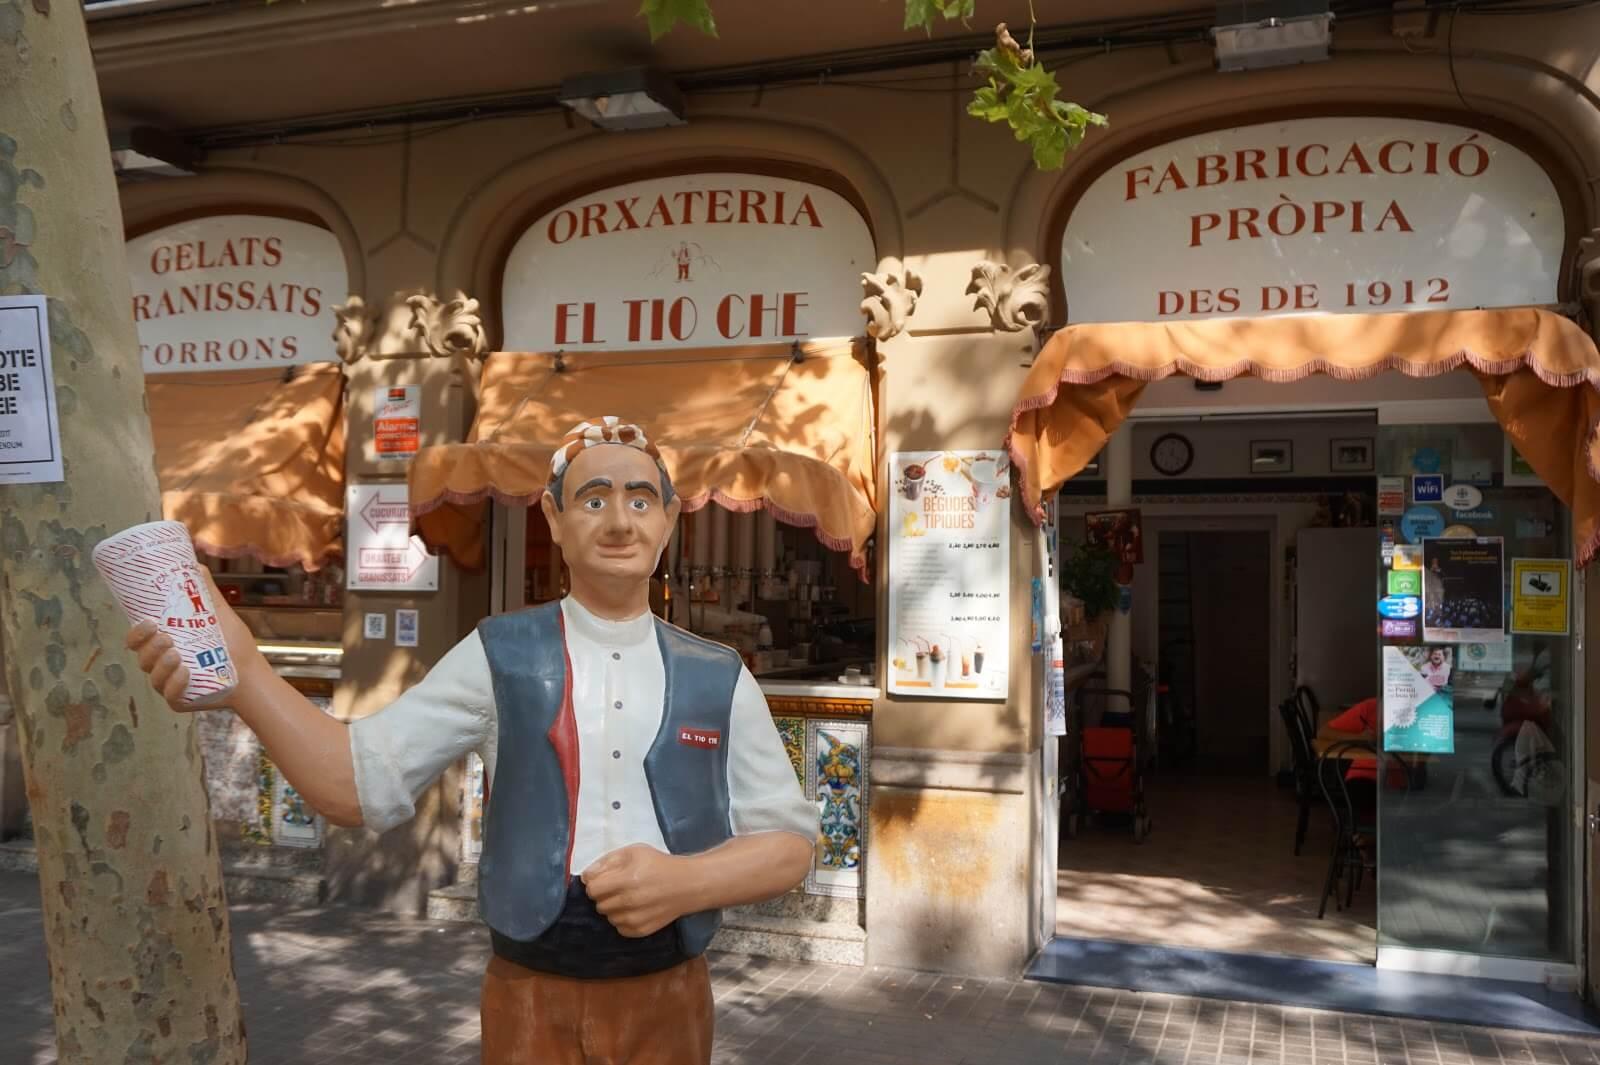 El-tio-che-merendar-en-barcelona